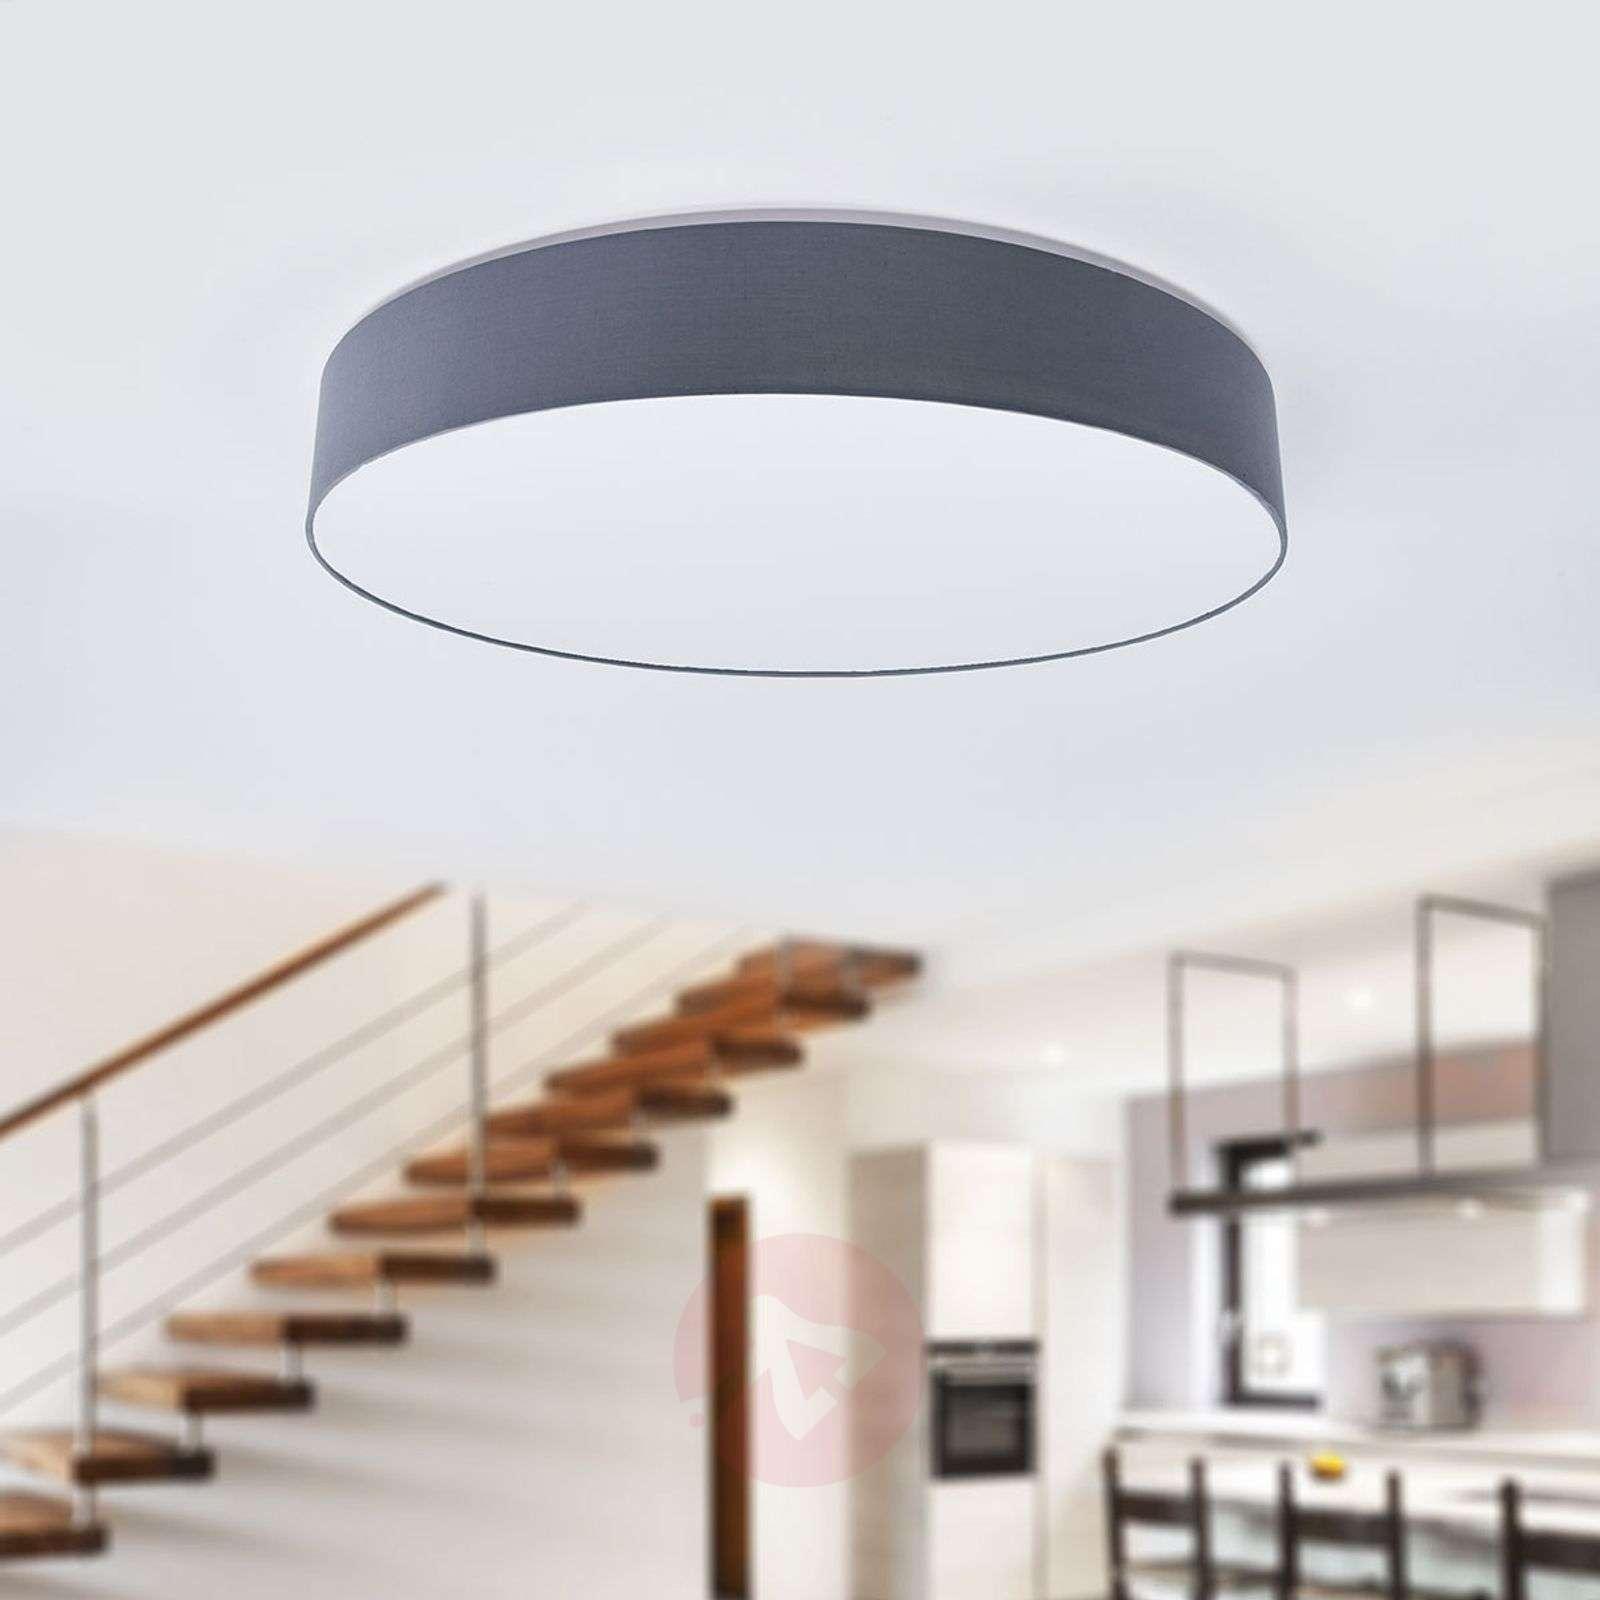 LED-kangaskattovalaisin Ziola, pyöreä, harmaa-4018149-02